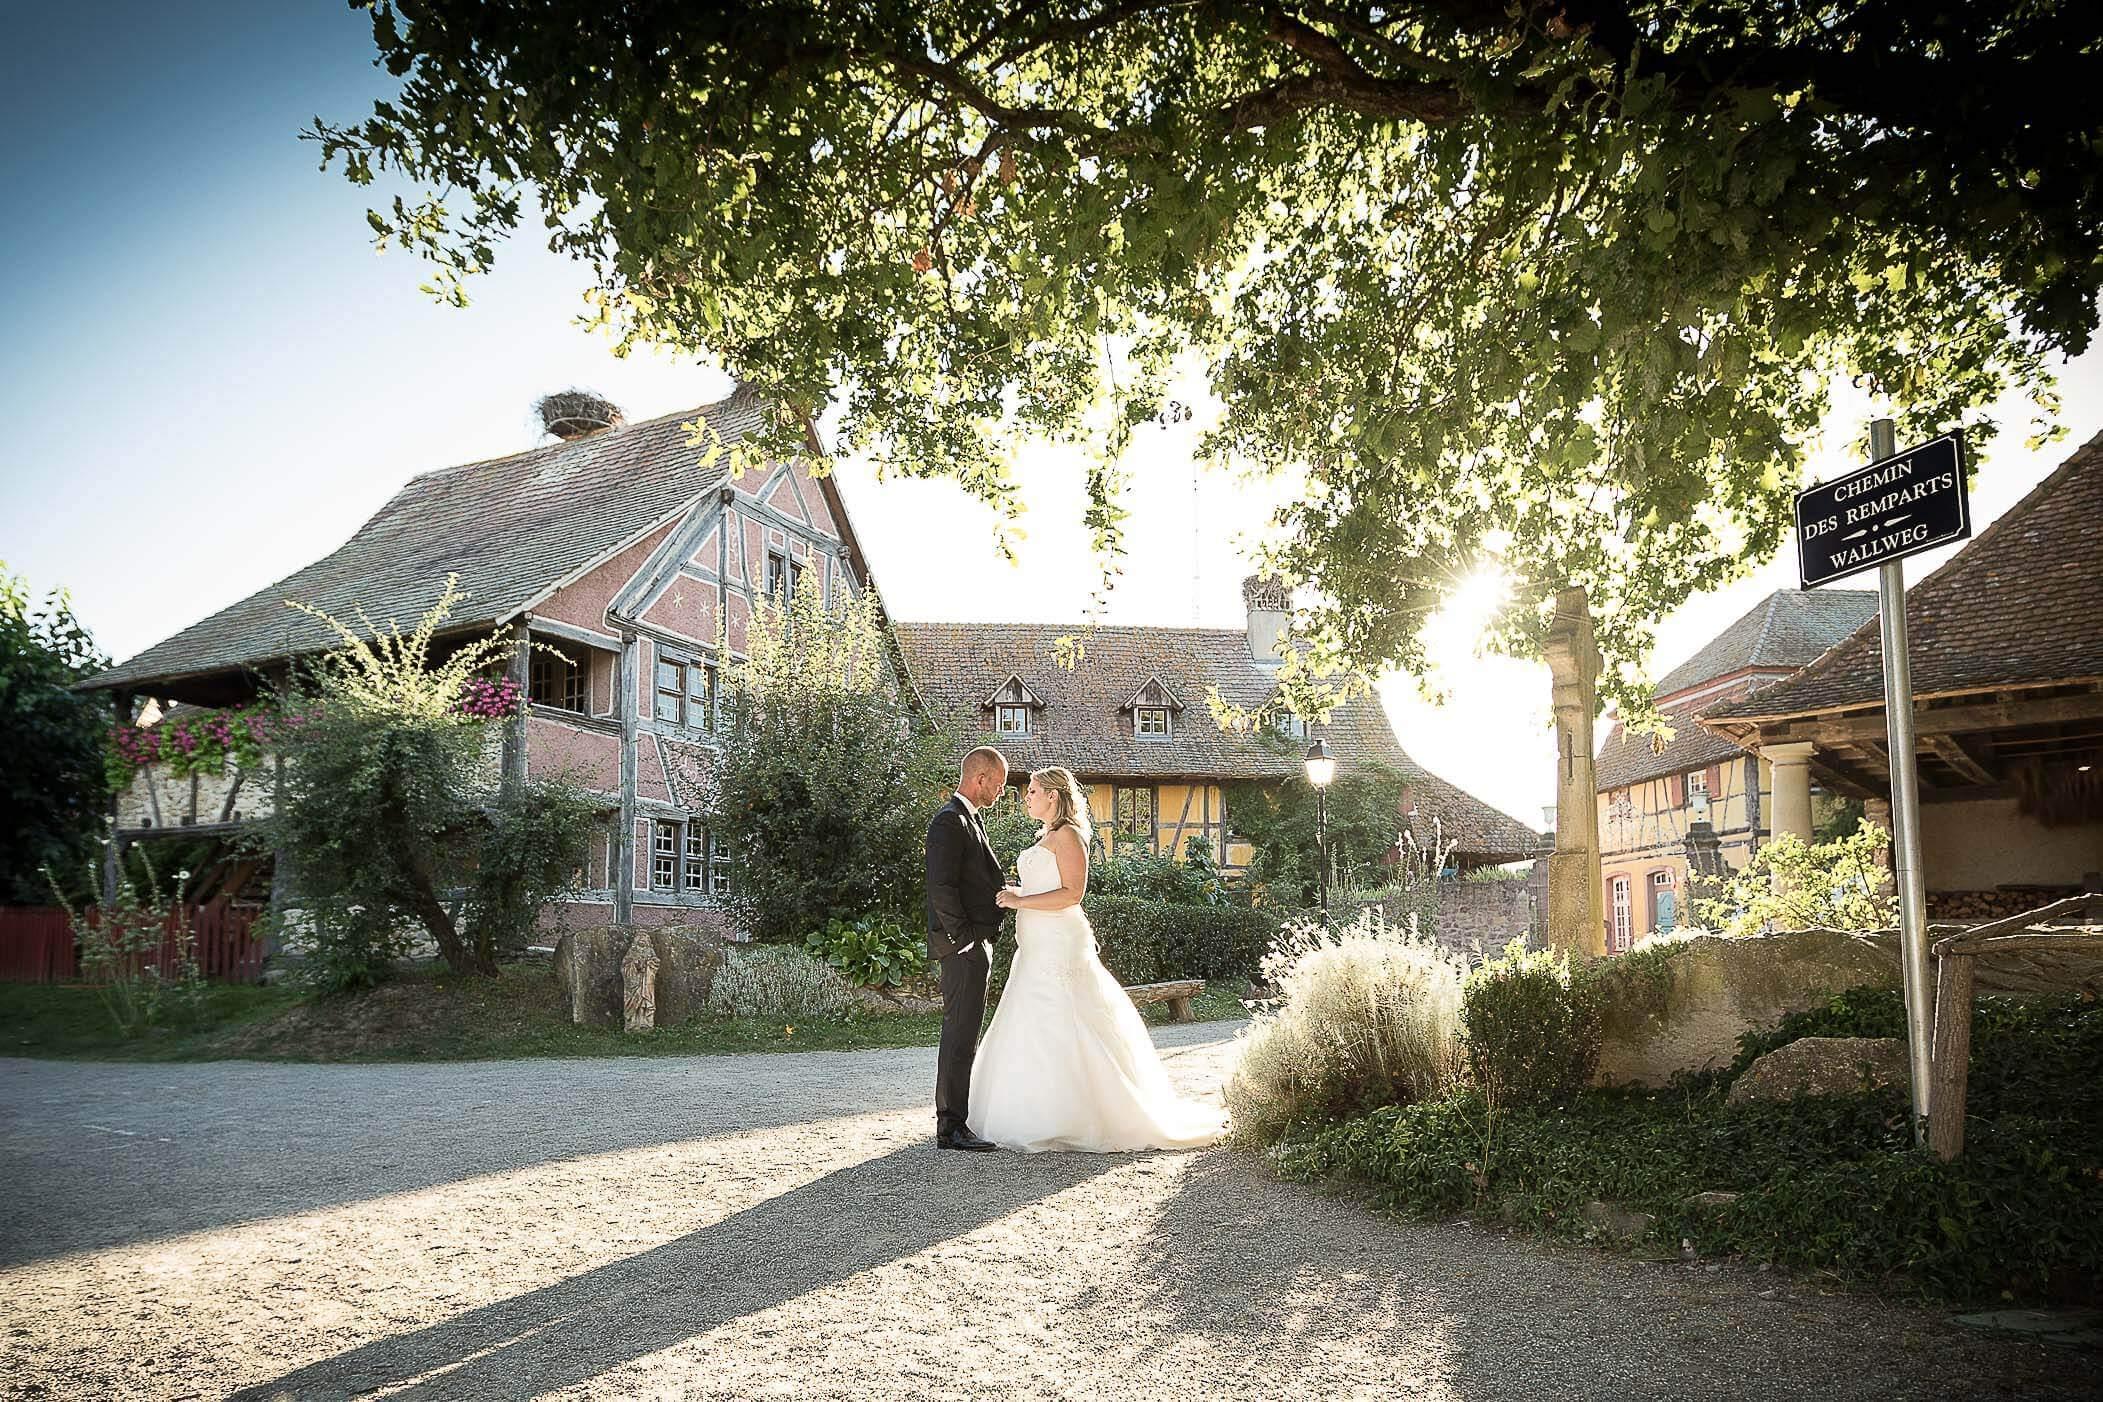 séance photo de mariage à l'Eco-Musée d'Alsace Haut-Rhin Ungersheim